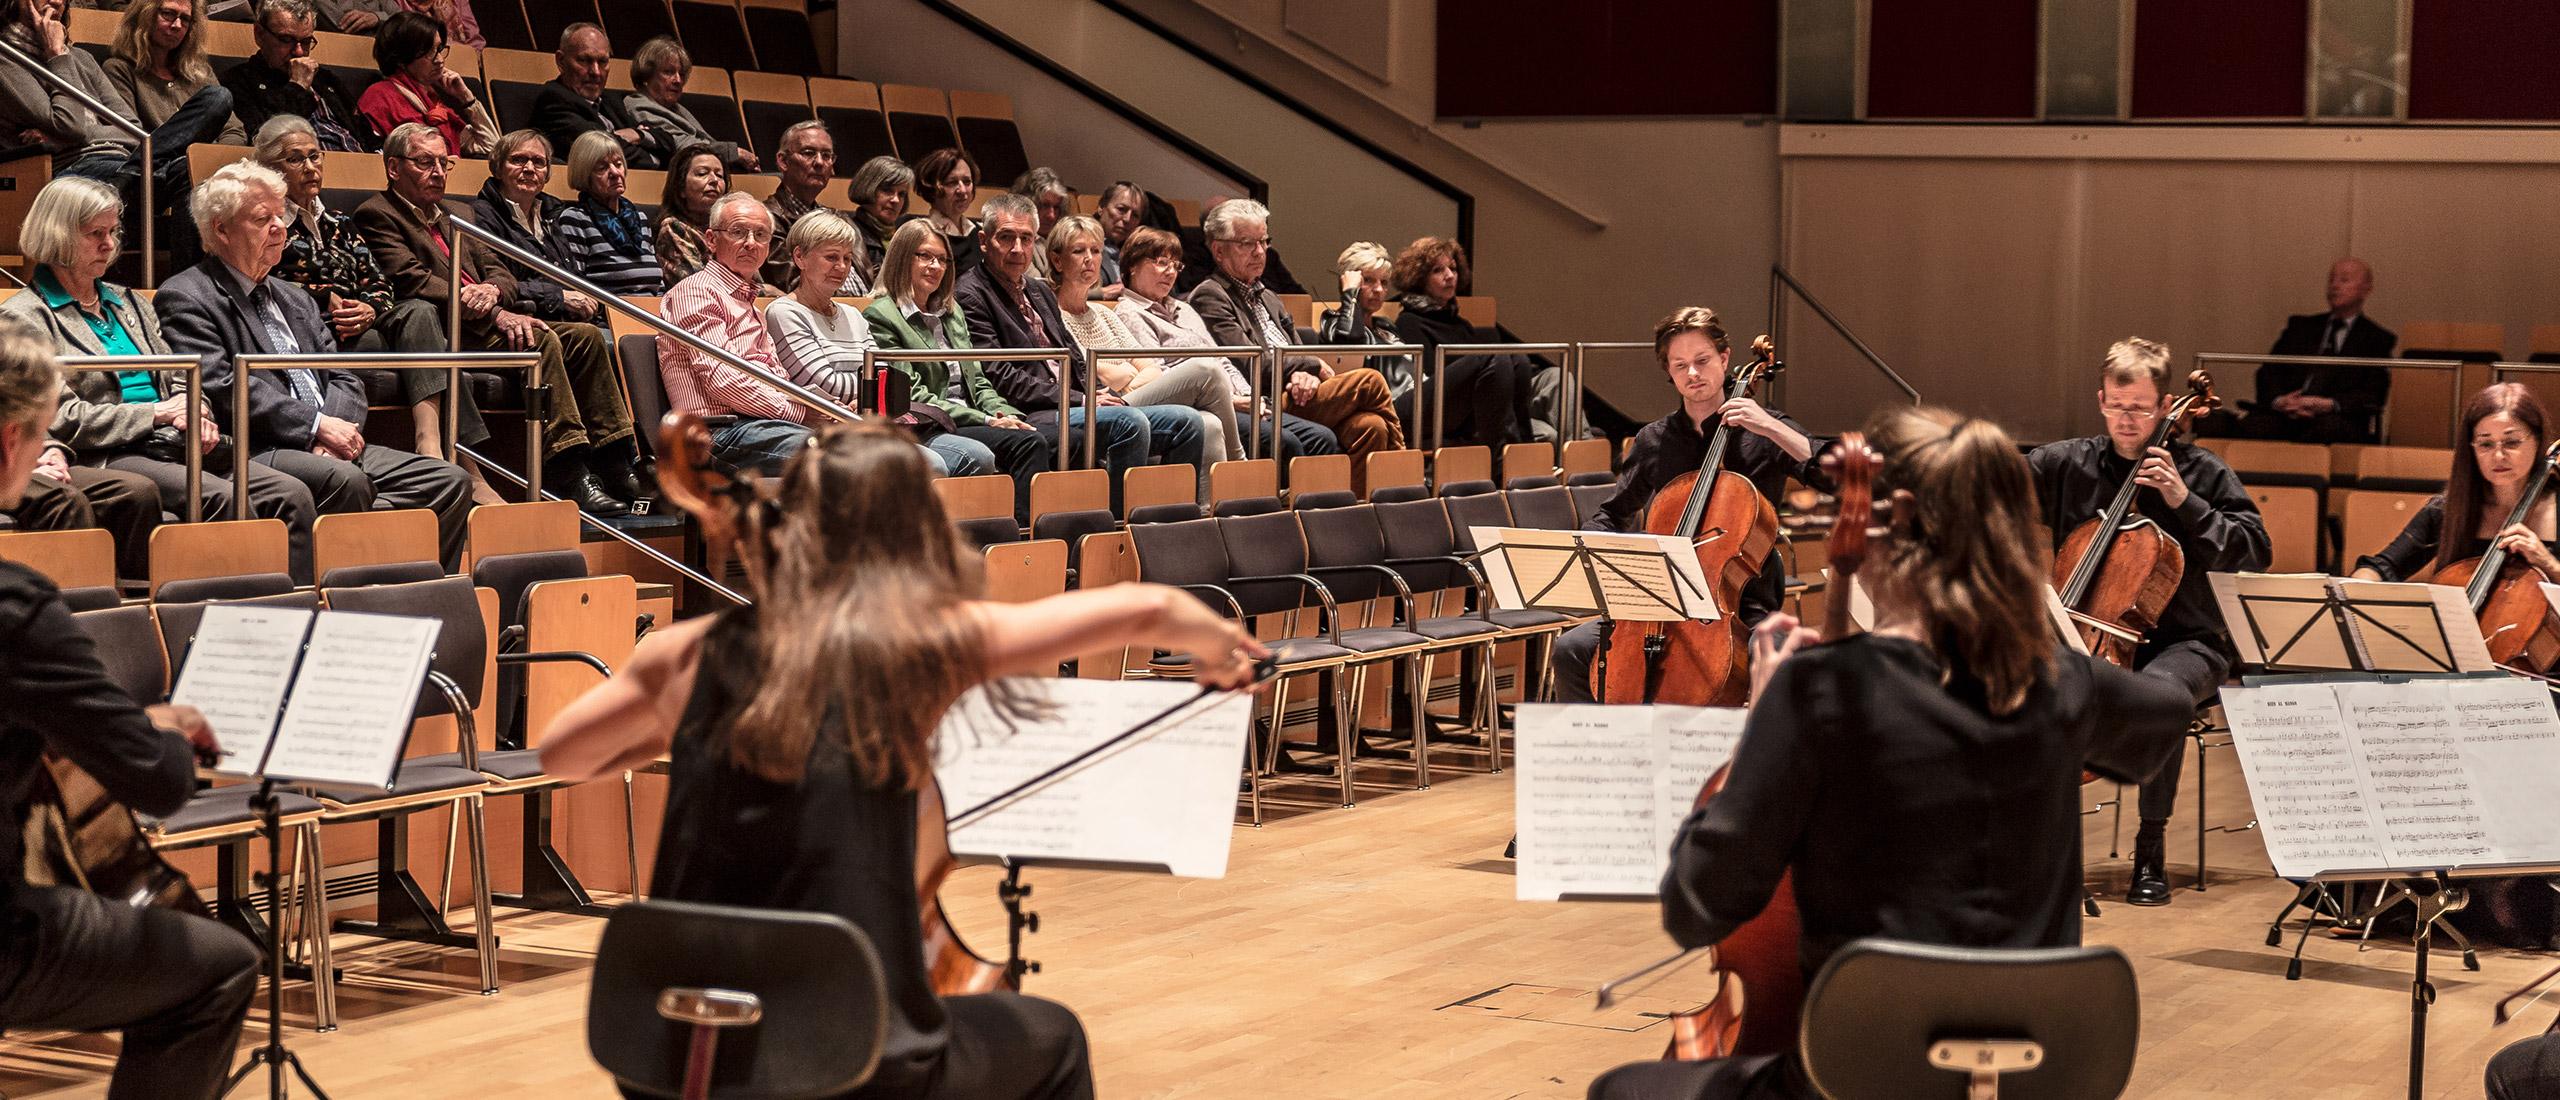 Freundeskreis NDR Elbphilharmonie Orchester Veranstaltungen (© Marco Peter)